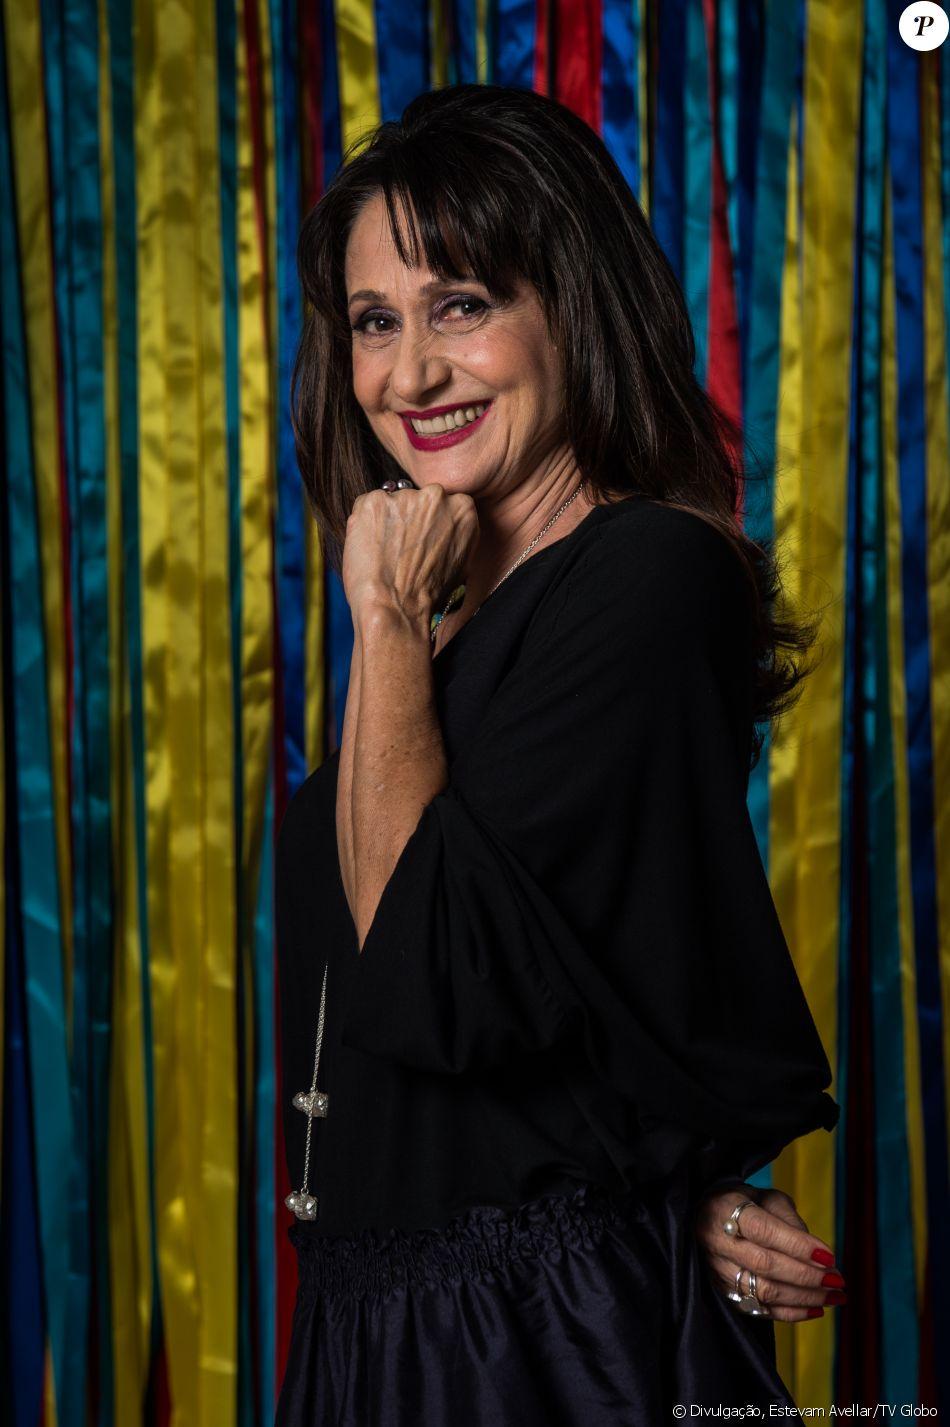 Zezé Polessa pediu e assumiu o lugar de Yana Sardenberg em cenas de flashback na novela 'A Força do Querer', segundo a coluna 'Telinha', do jornal 'Extra', nesta terça-feira, 18de abril de 2017